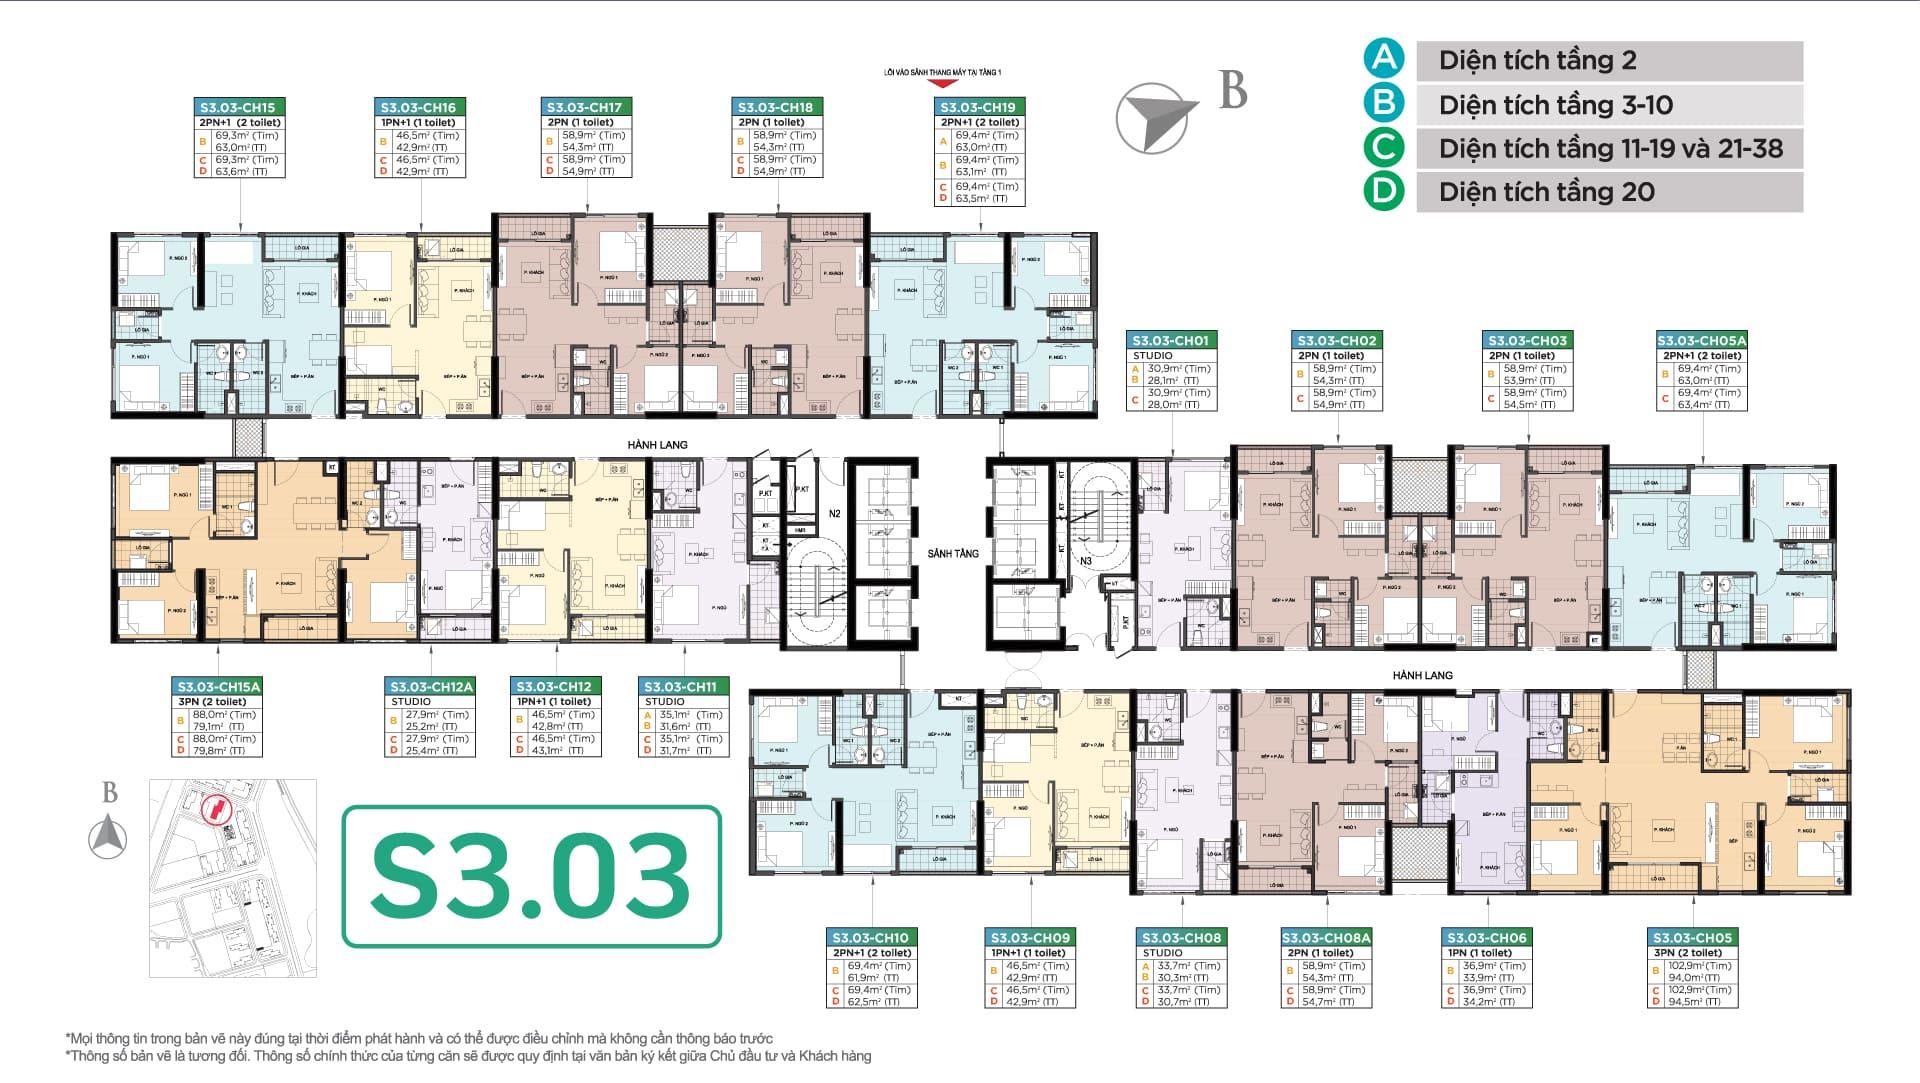 tòa s3.03 vinhomes smart city tây mỗ đại mỗ